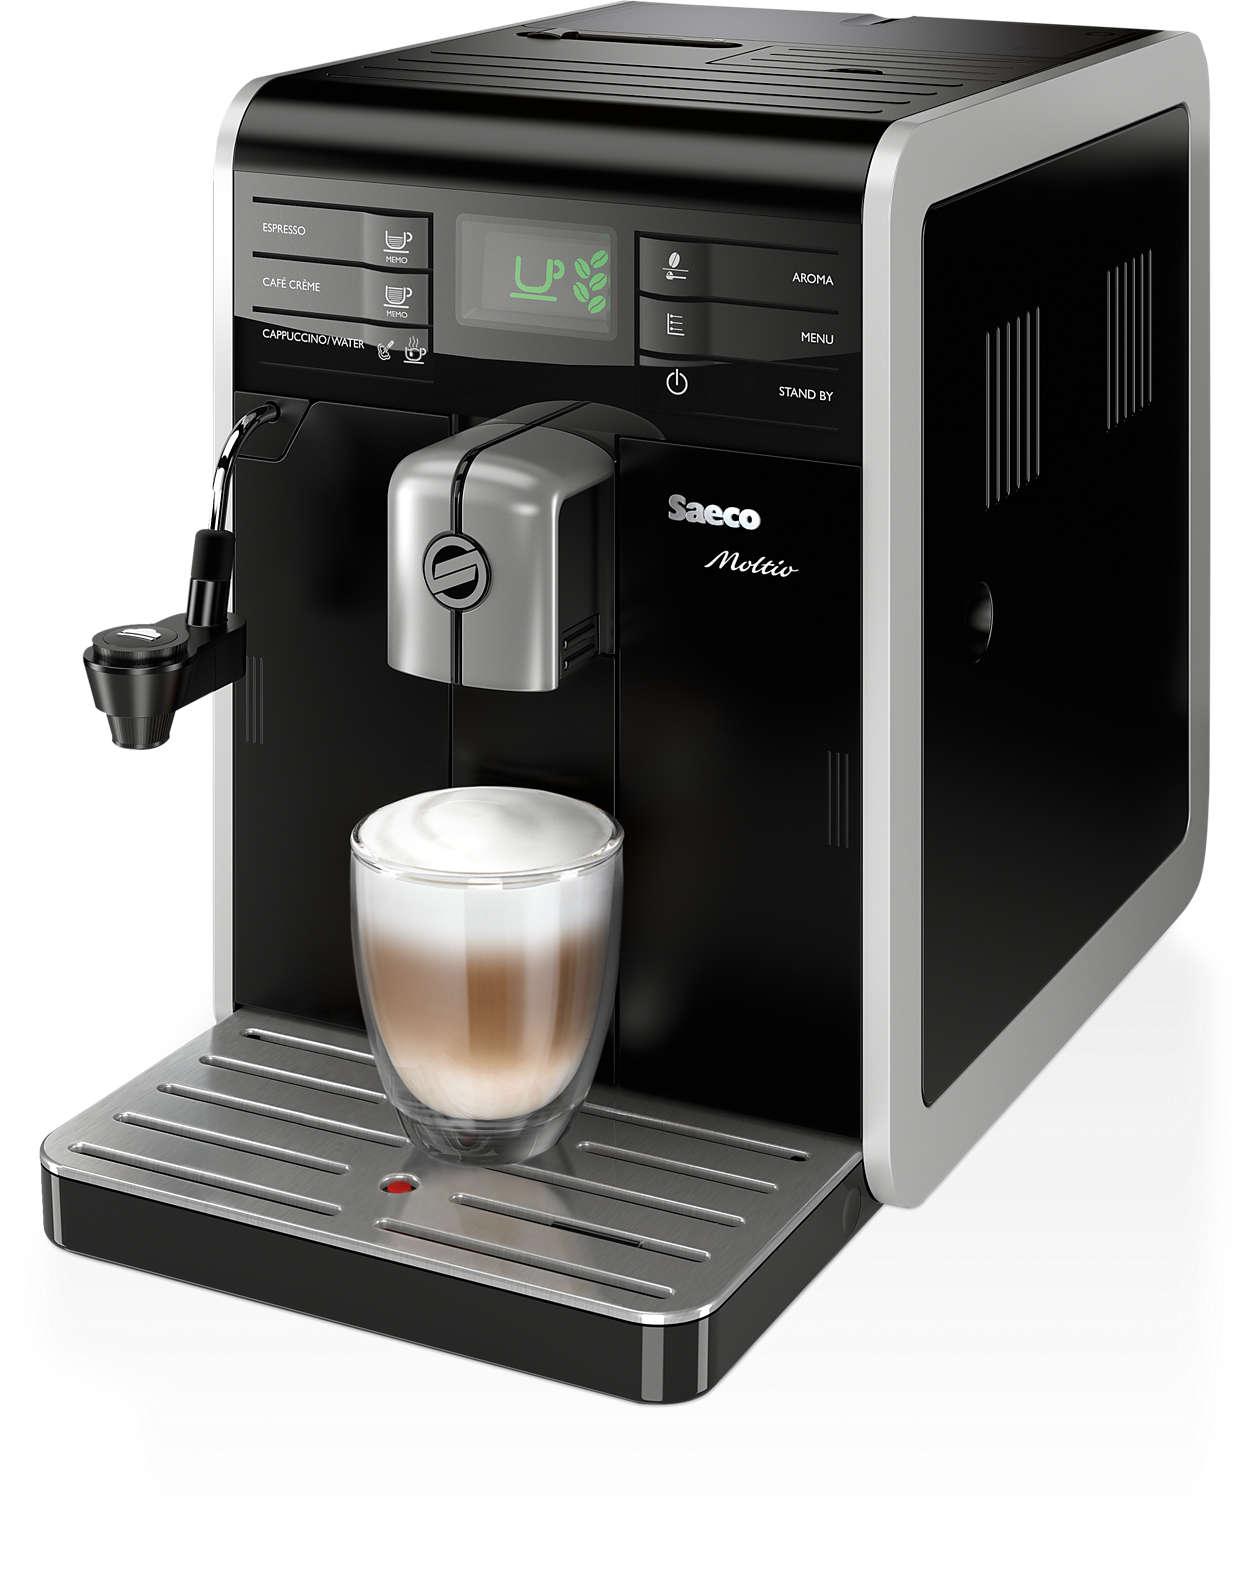 Svaki trenutak zaslužuje svoj okus kave